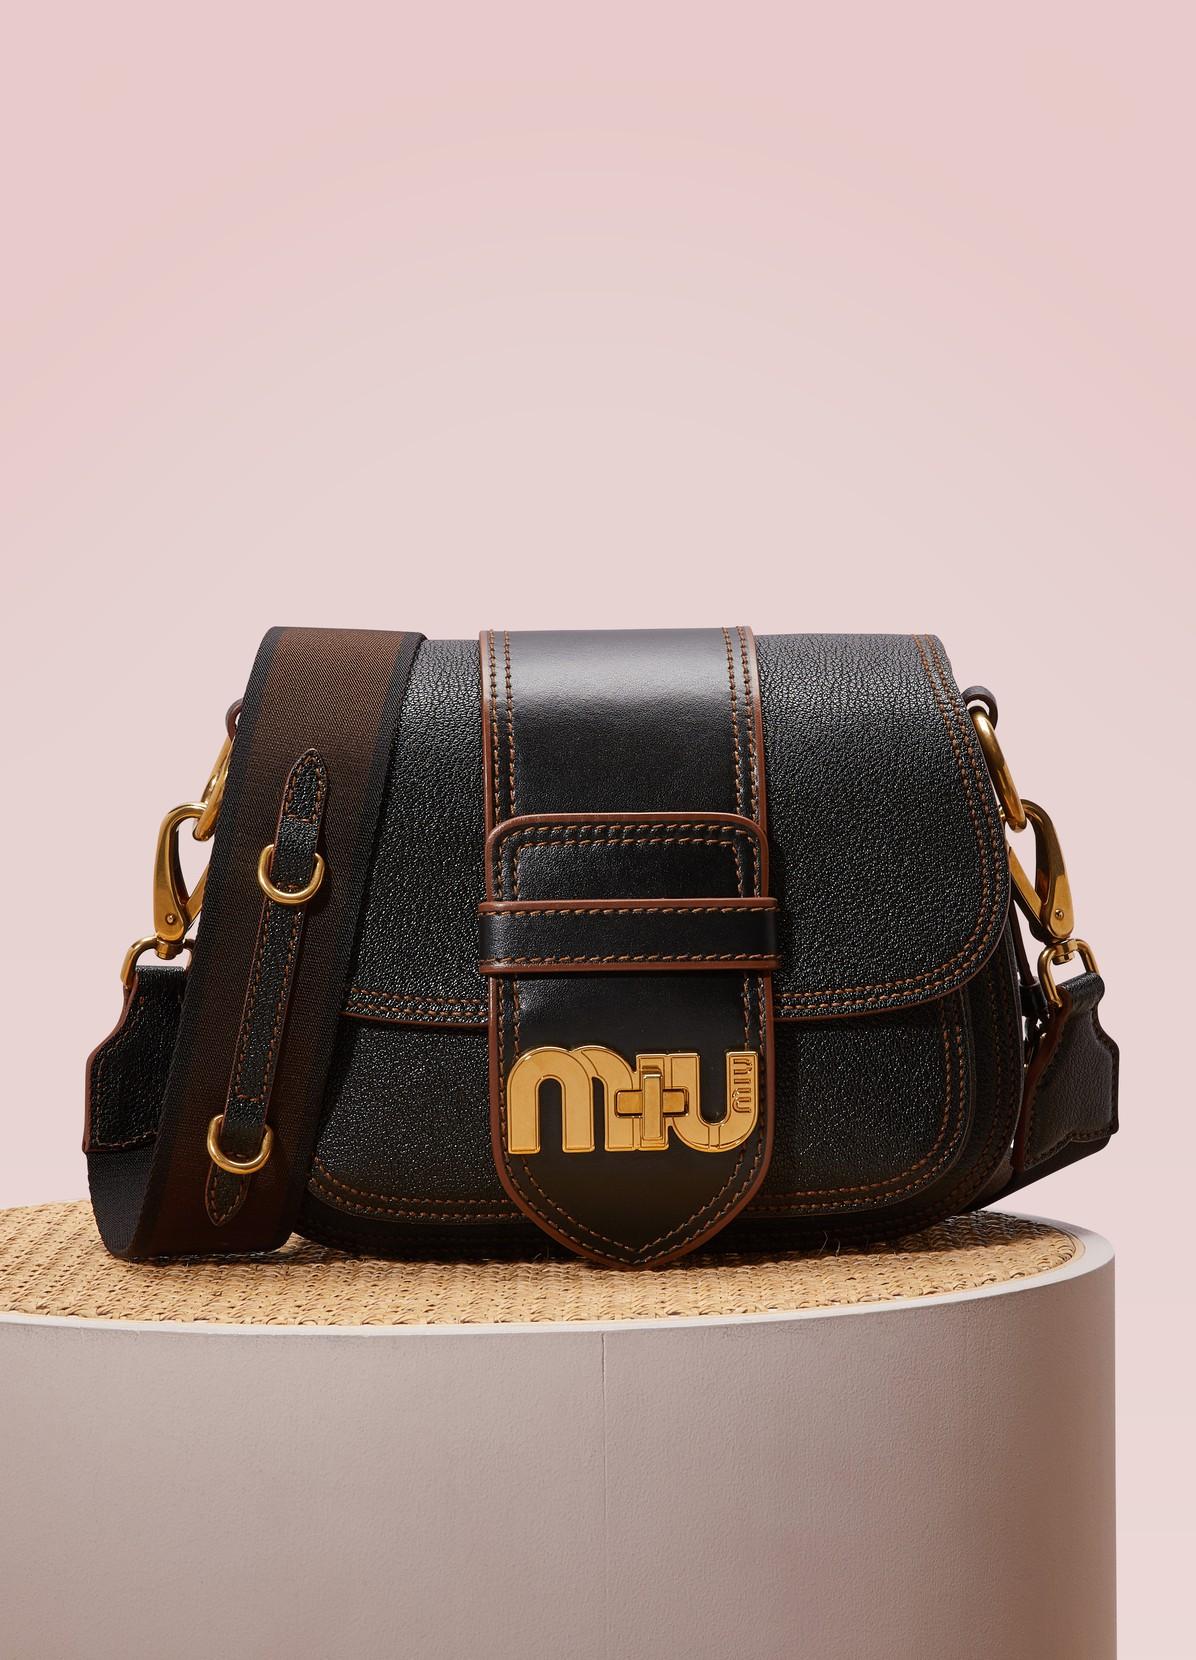 Miu Miu Bags Qatar